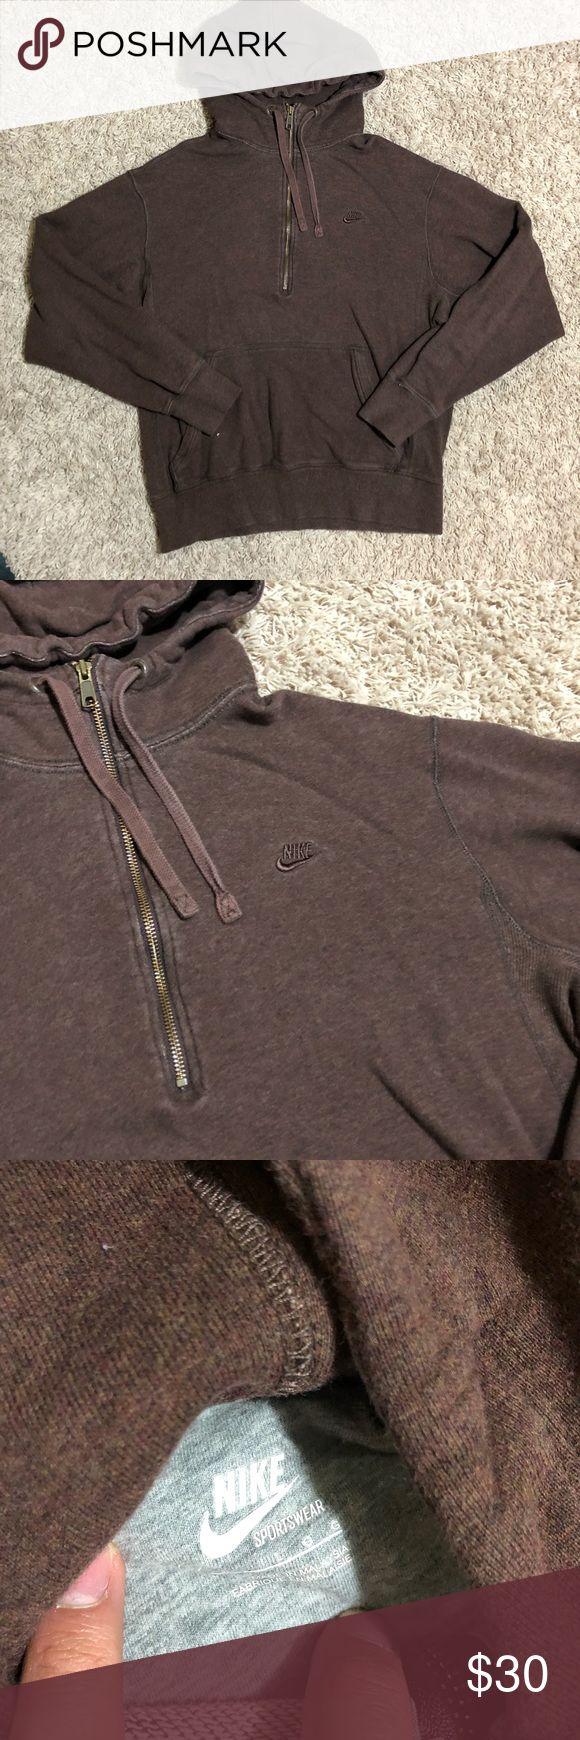 Nike zip up hoodie Large Men's normal wear condition Nike zip up hoodie in brown. Size large Nike Shirts Sweatshirts & Hoodies